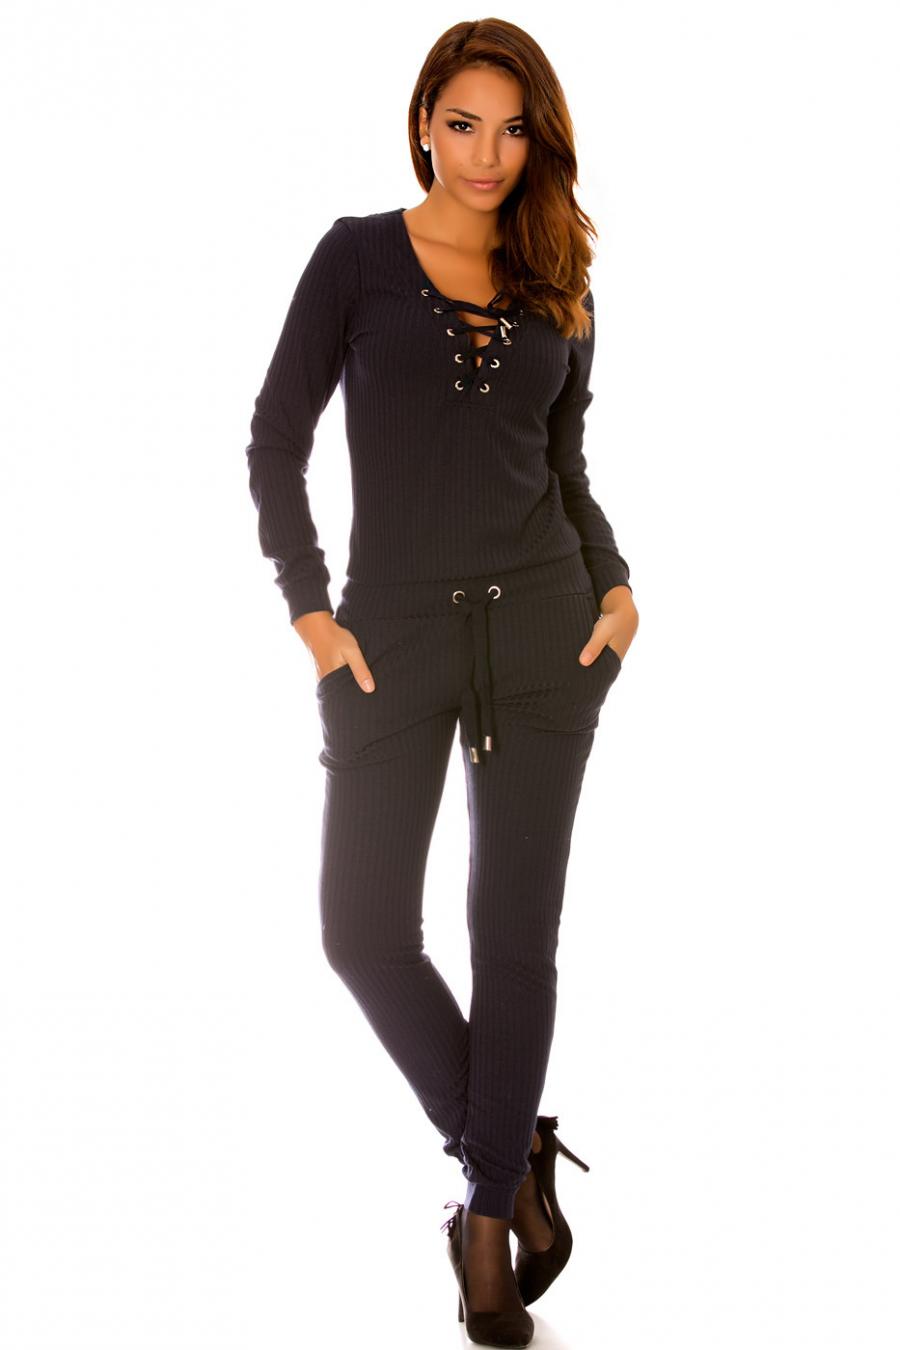 Combinaison fashion en maille marine avec lacet au col. Combinaison femme wj7115